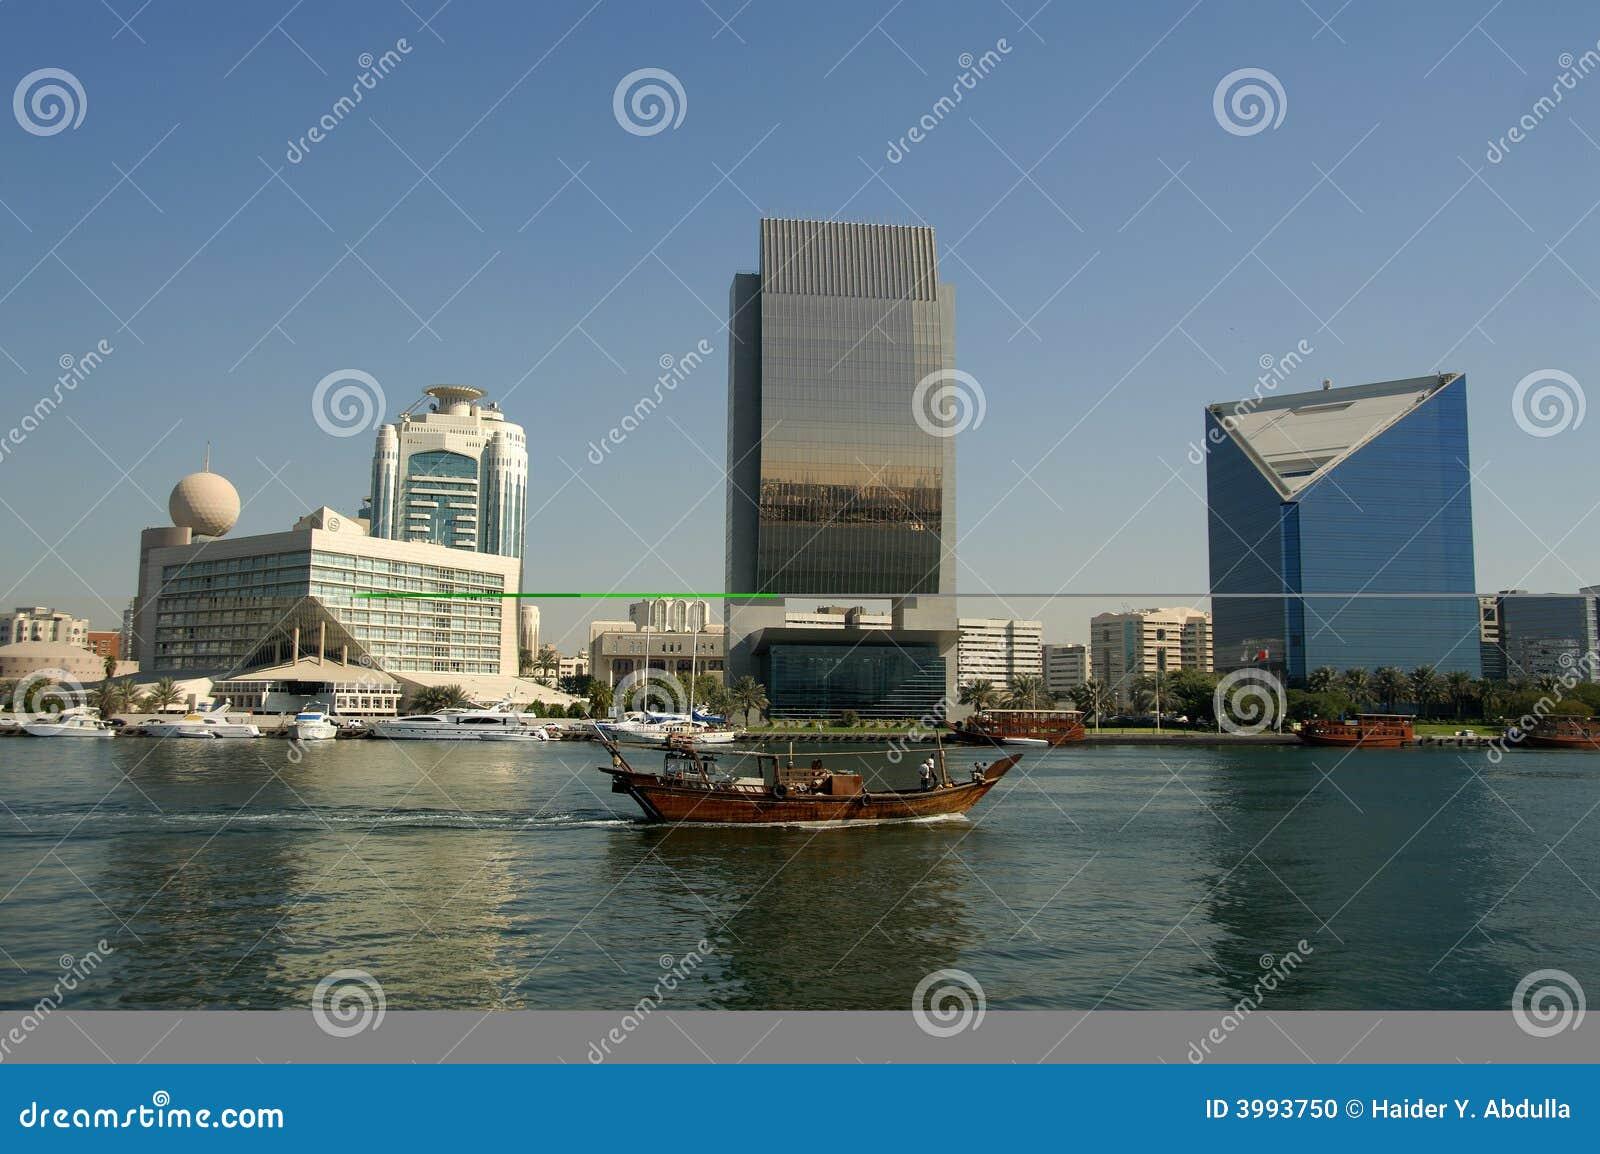 Dhow Cruising In Dubai Creek